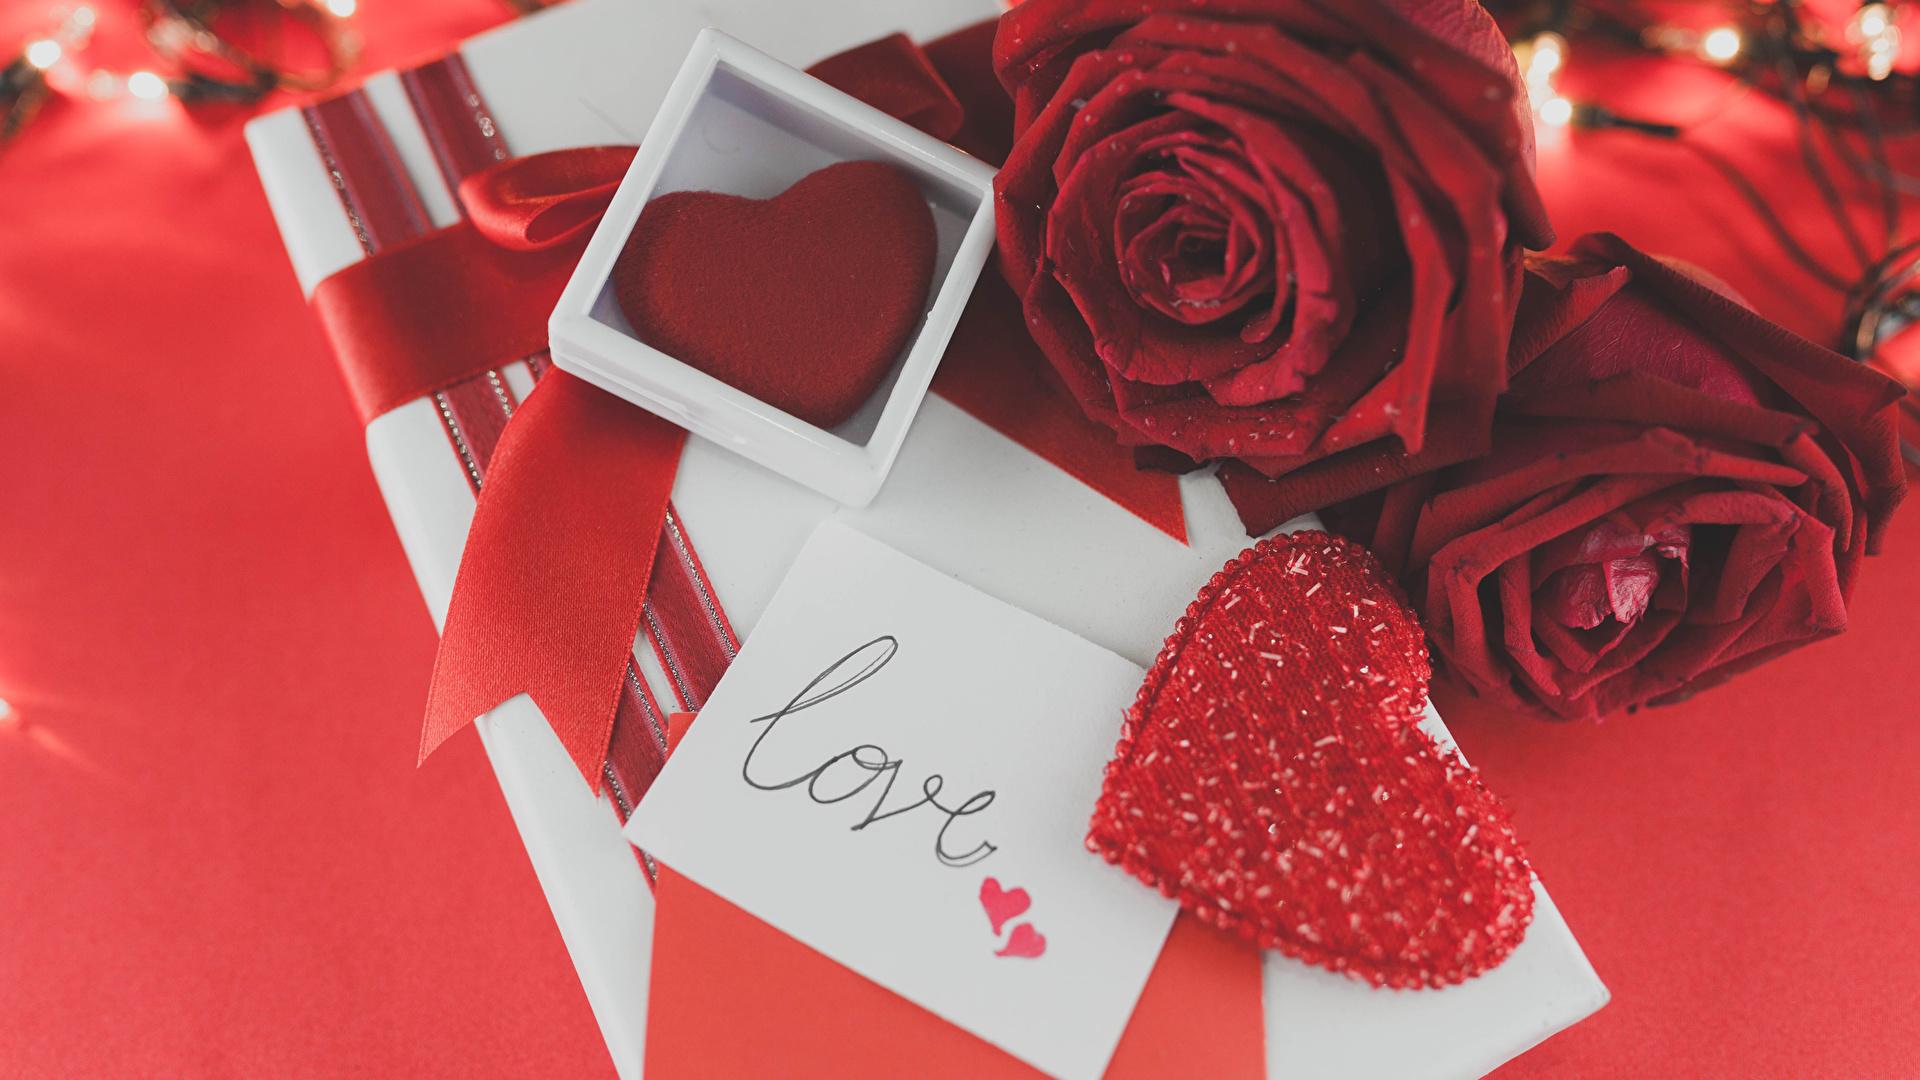 Картинка День всех влюблённых сердечко Розы Бордовый Цветы Подарки Красный фон 1920x1080 День святого Валентина Сердце